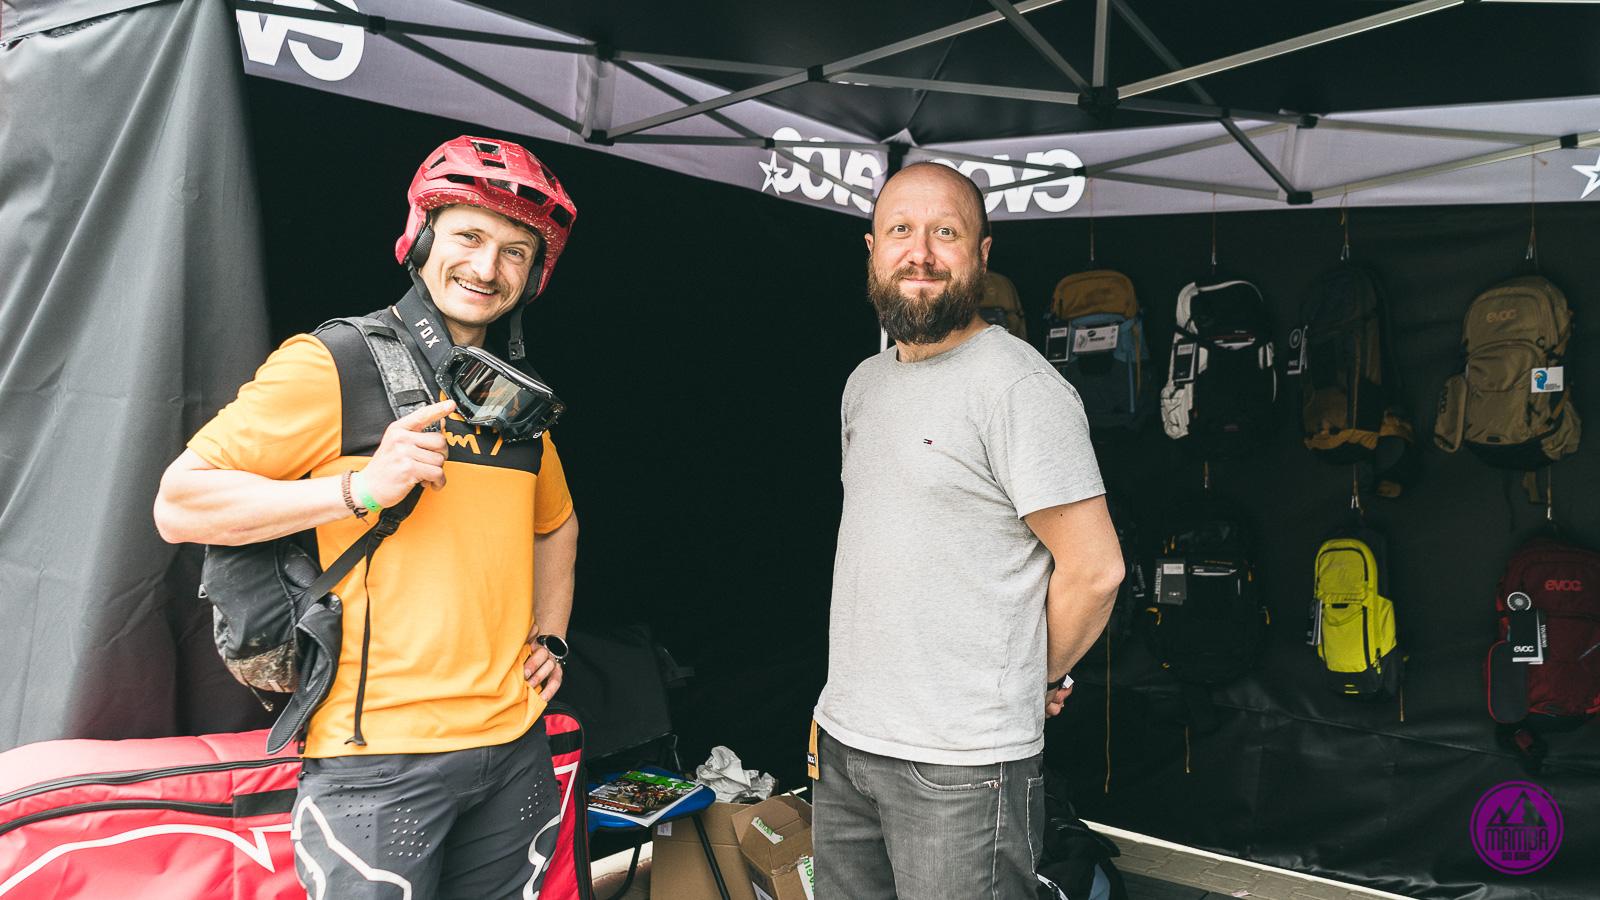 Joy Ride Festiwal - evoc